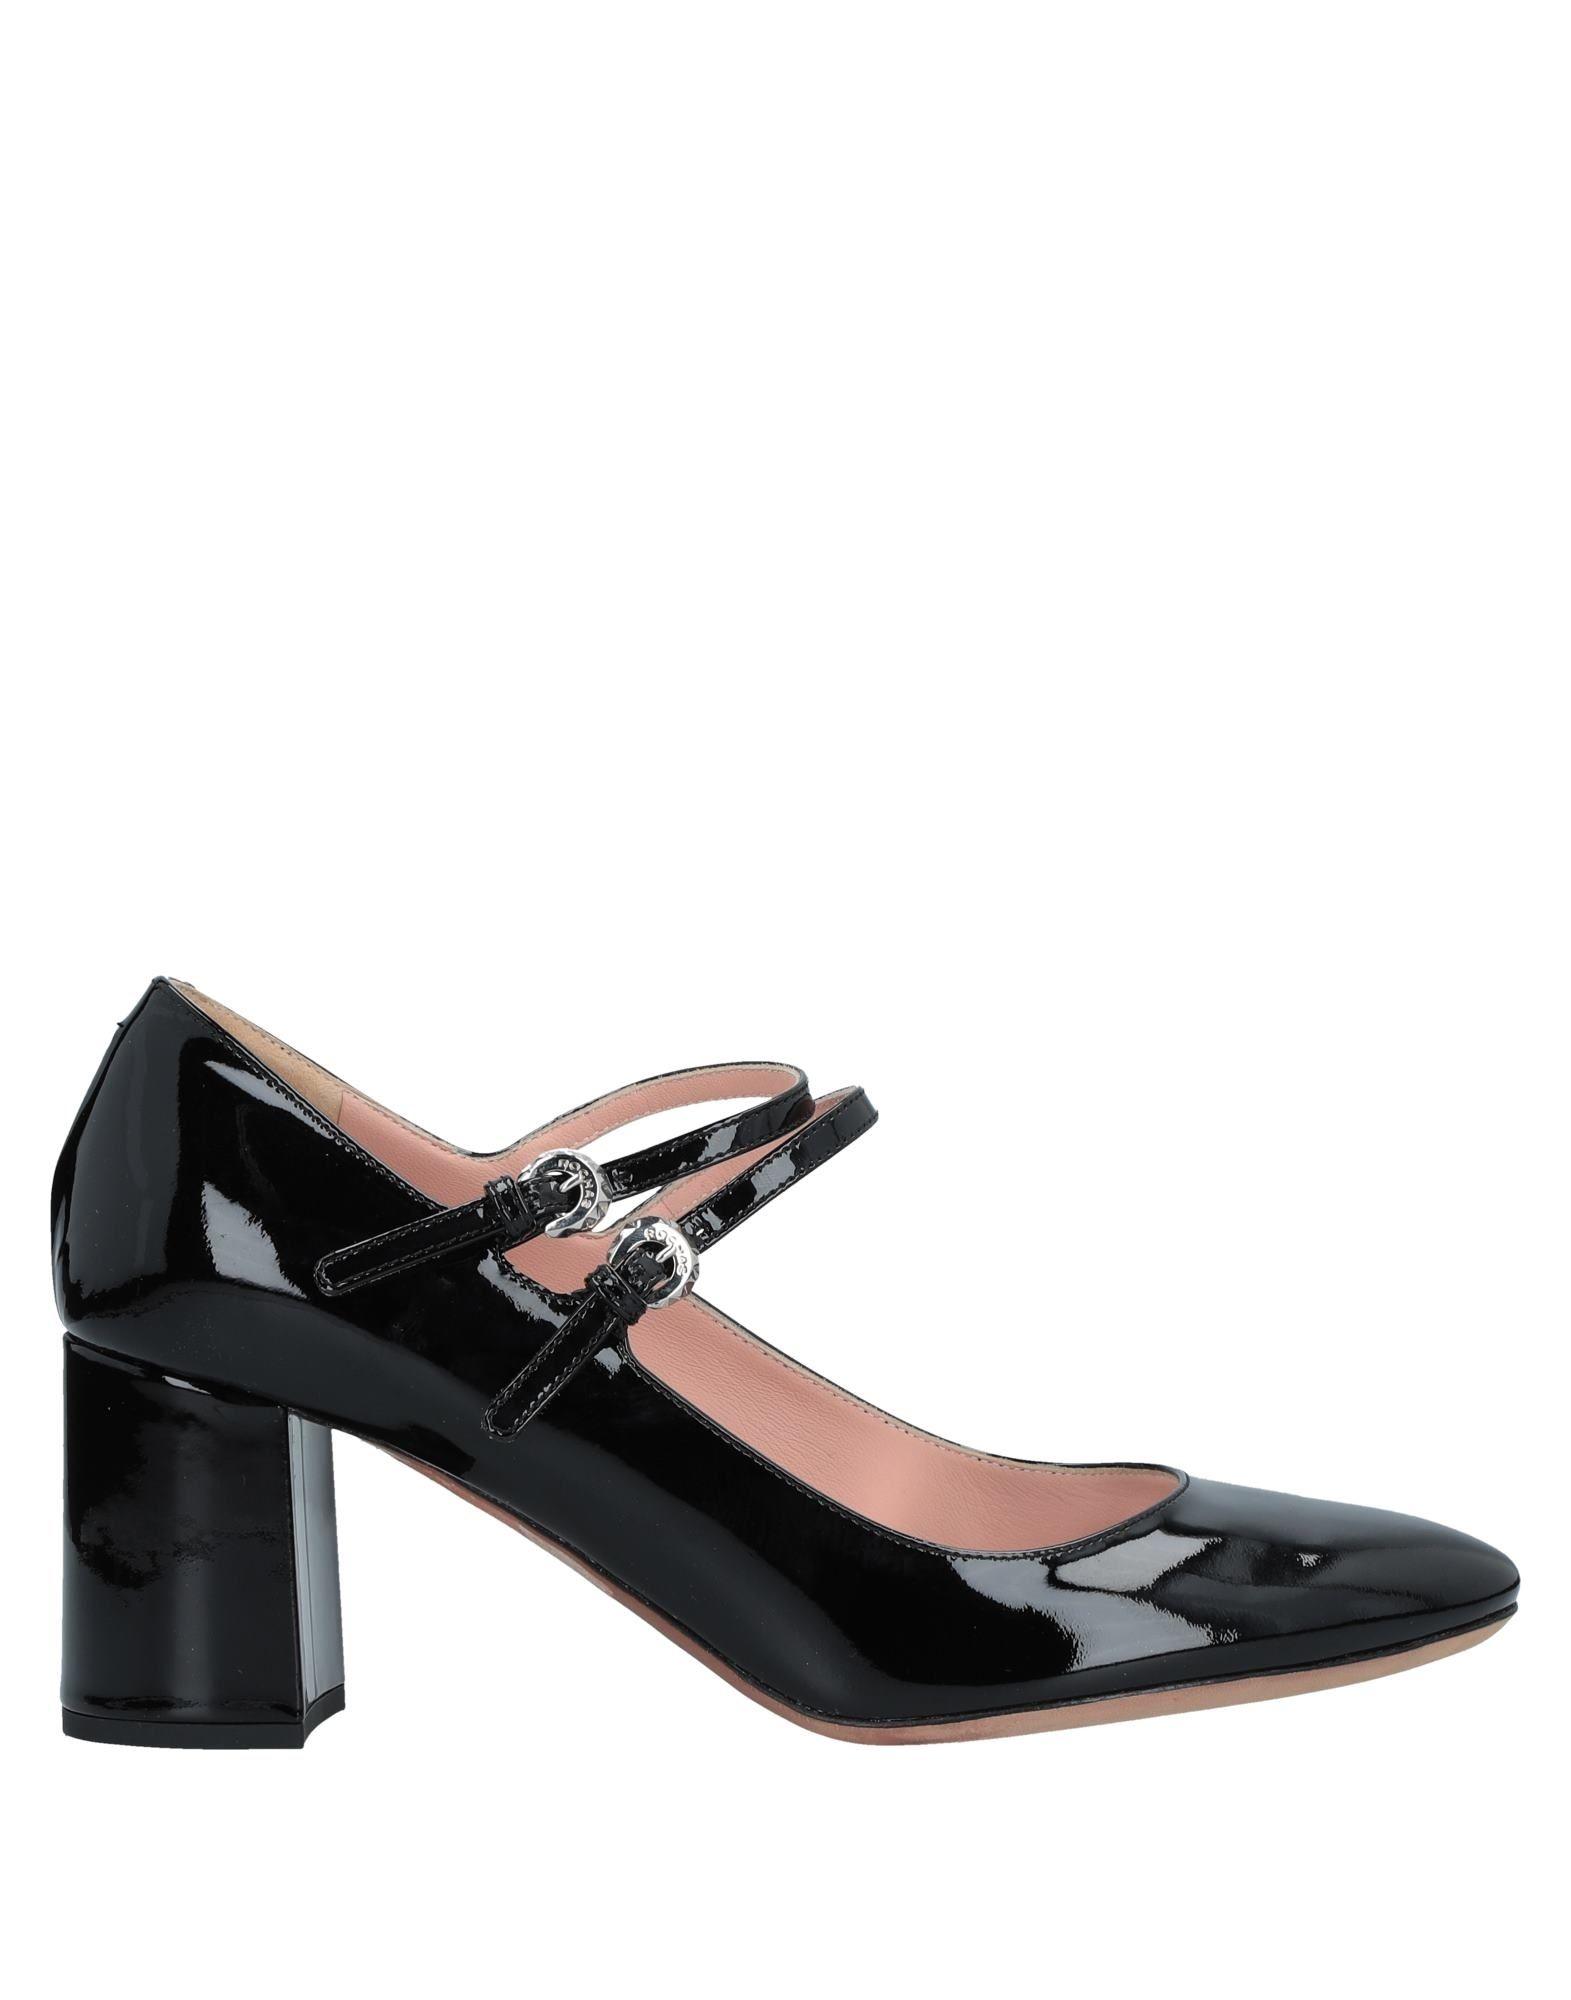 Rabatt Schuhe Rochas Pumps Damen  11215759QJ